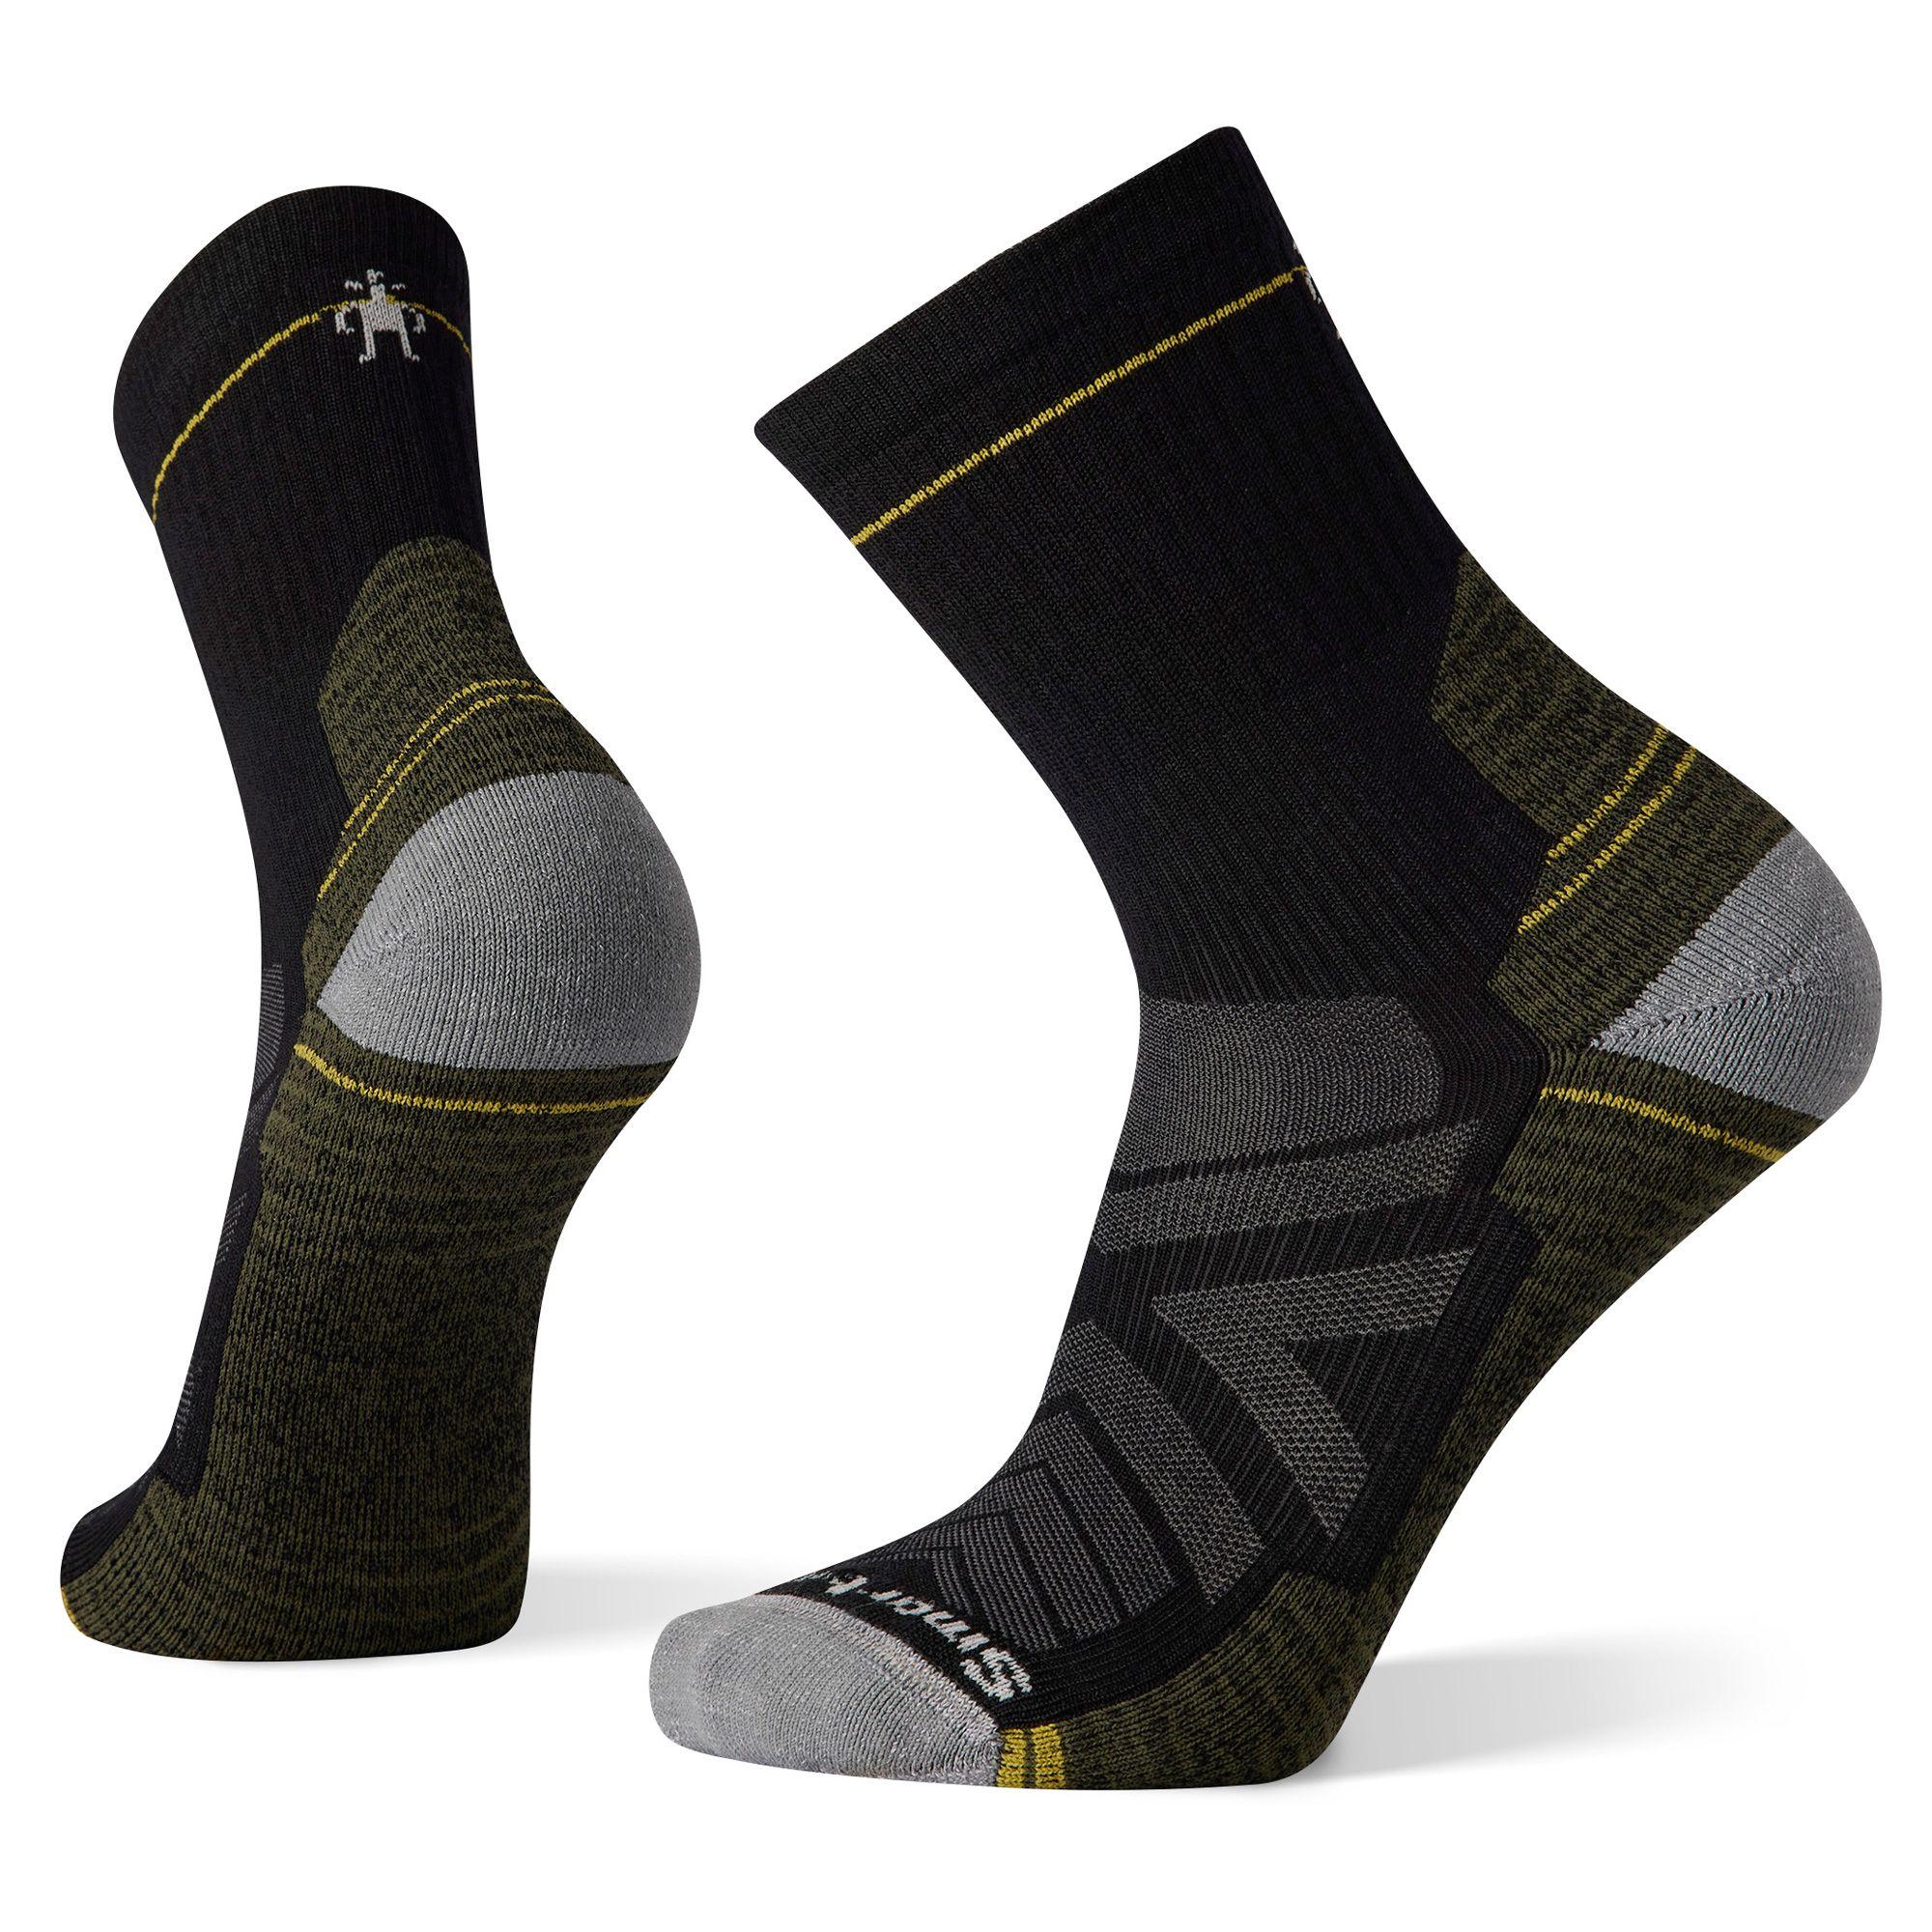 Hike Light Cushion Mid Crew Socks